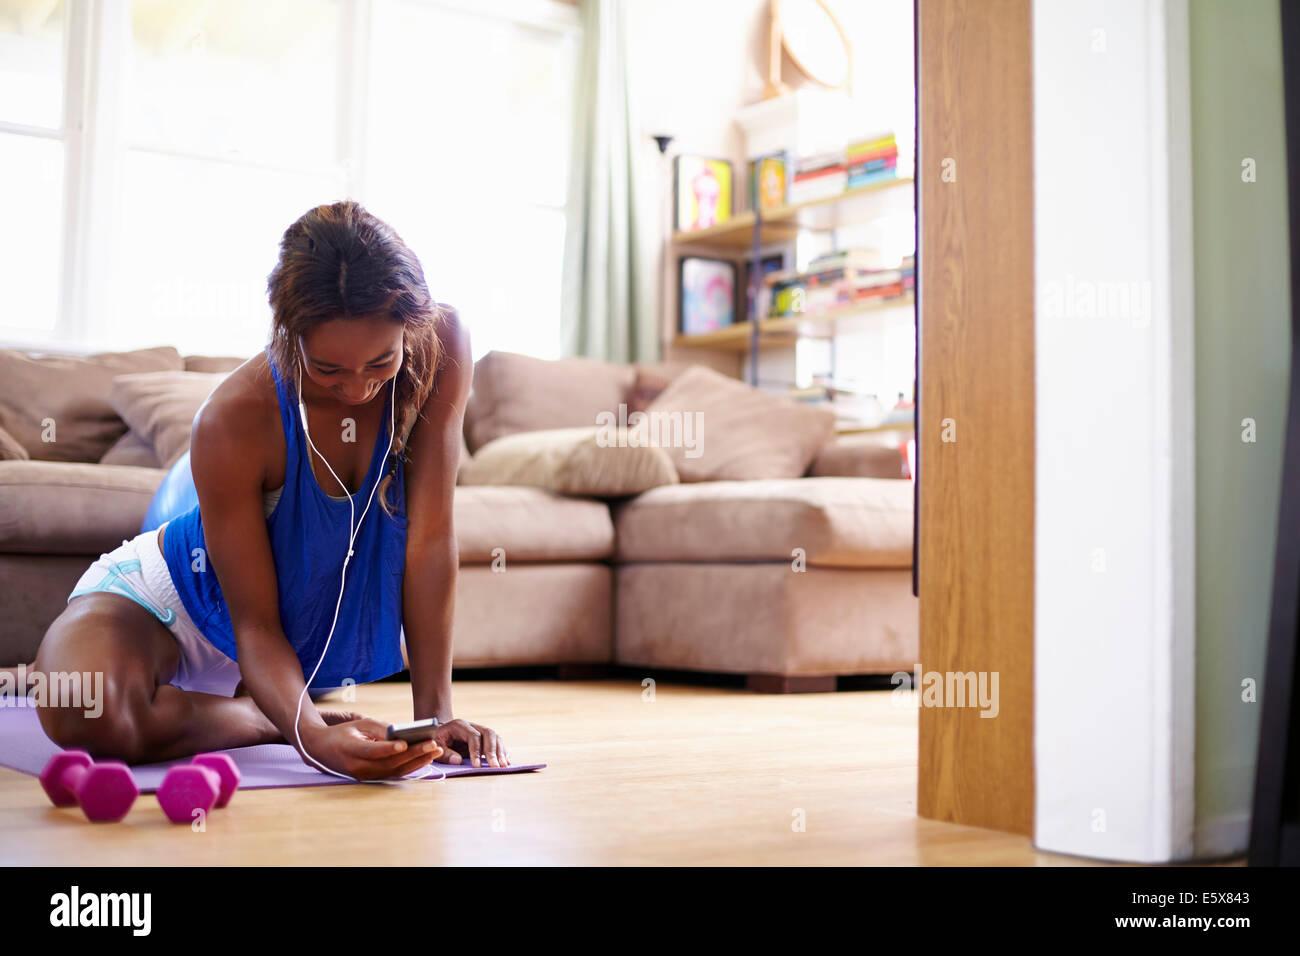 Junge Frau Ausübung Erdgeschoss Wohnzimmer während Smartphone betrachten Stockfoto